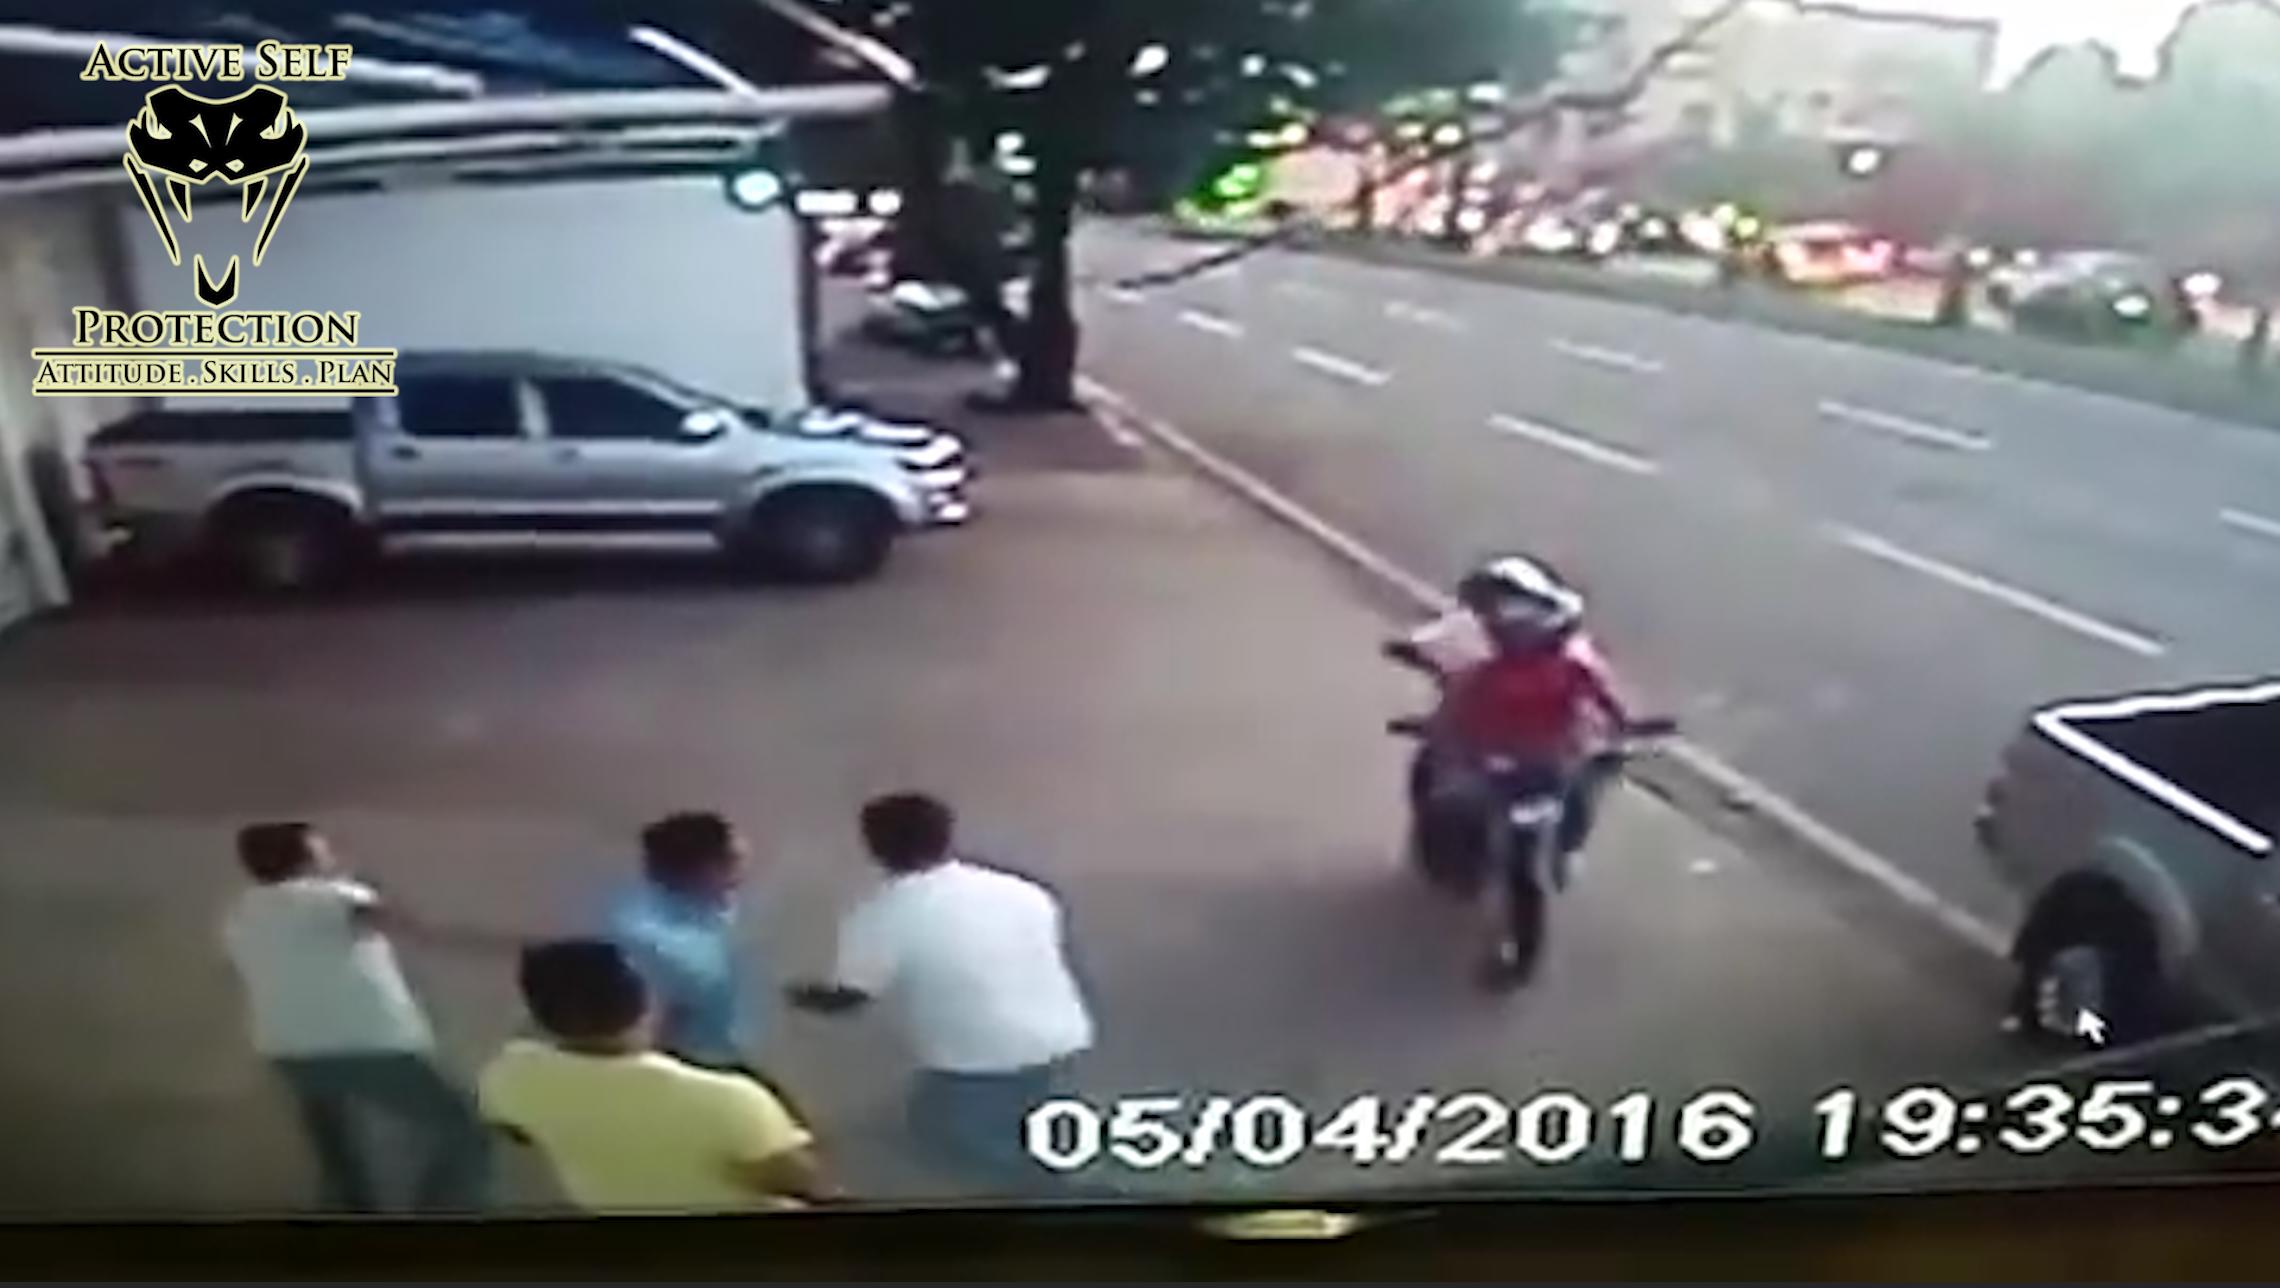 armed robbery begins